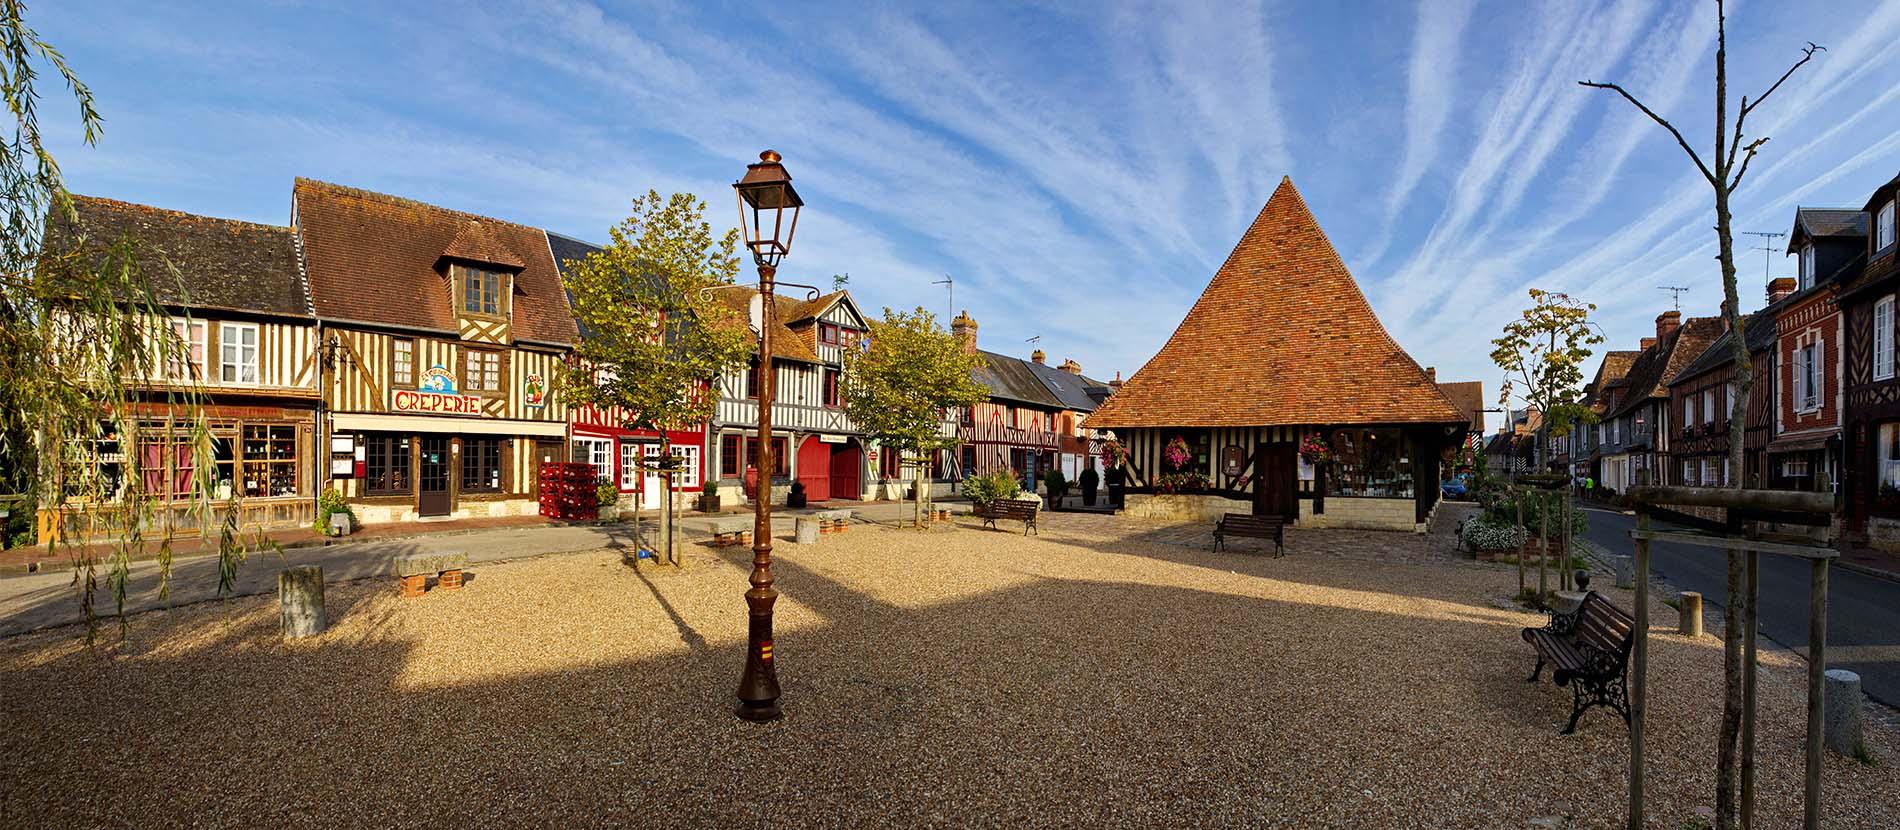 Place du village de Beuvron-en-auge dans le Calvados